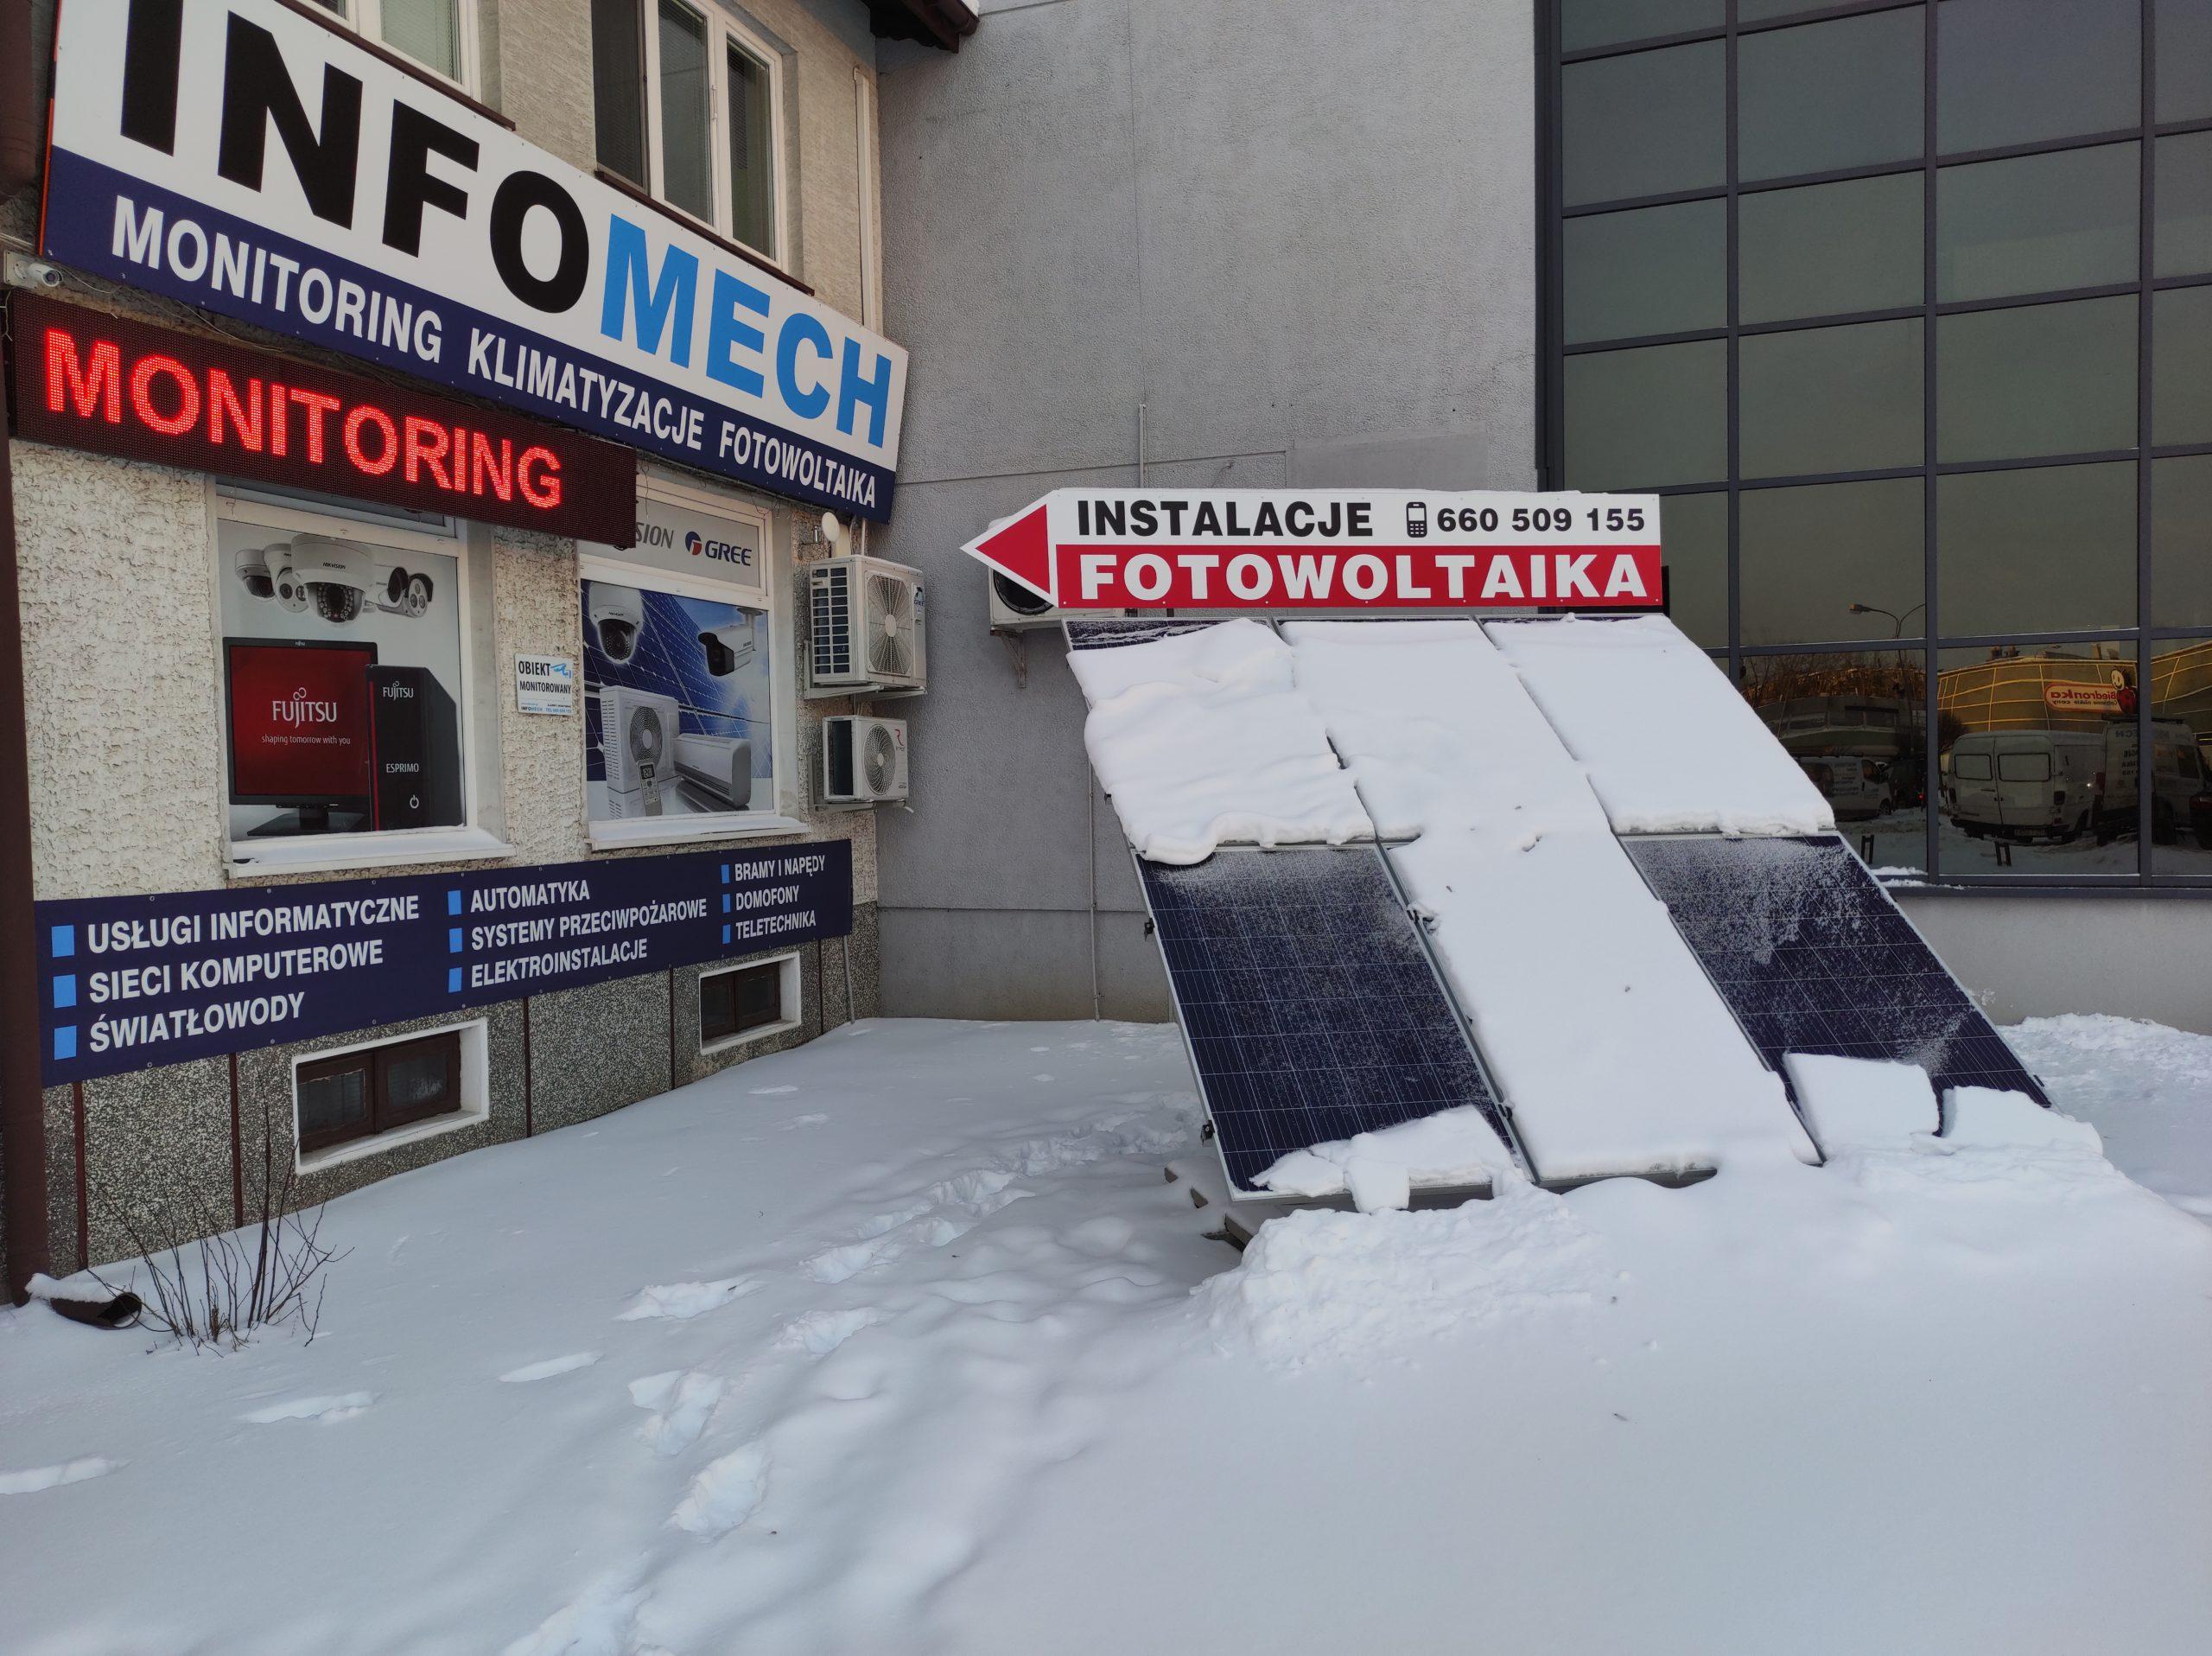 Zima w INFOMECH  - sezon 2021 Styczeń - Luty